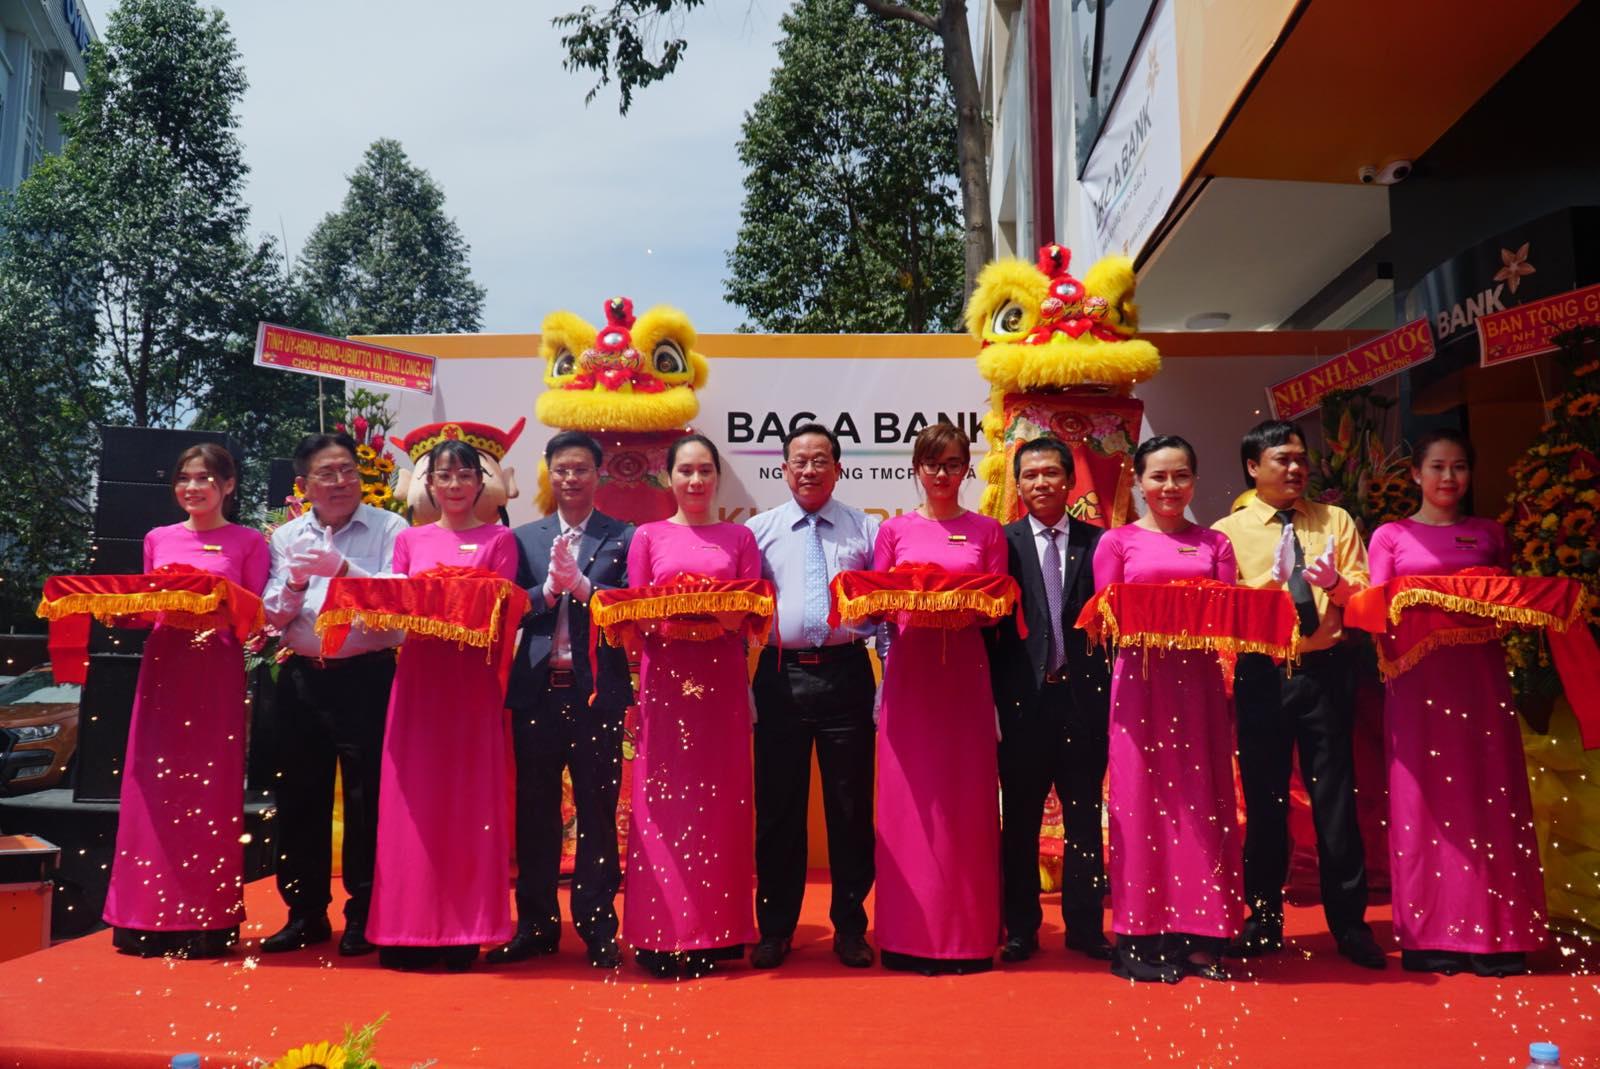 BAC A BANK khai trương chi nhánh mới, gia nhập thị trường tài chính Long An  - Ảnh 1